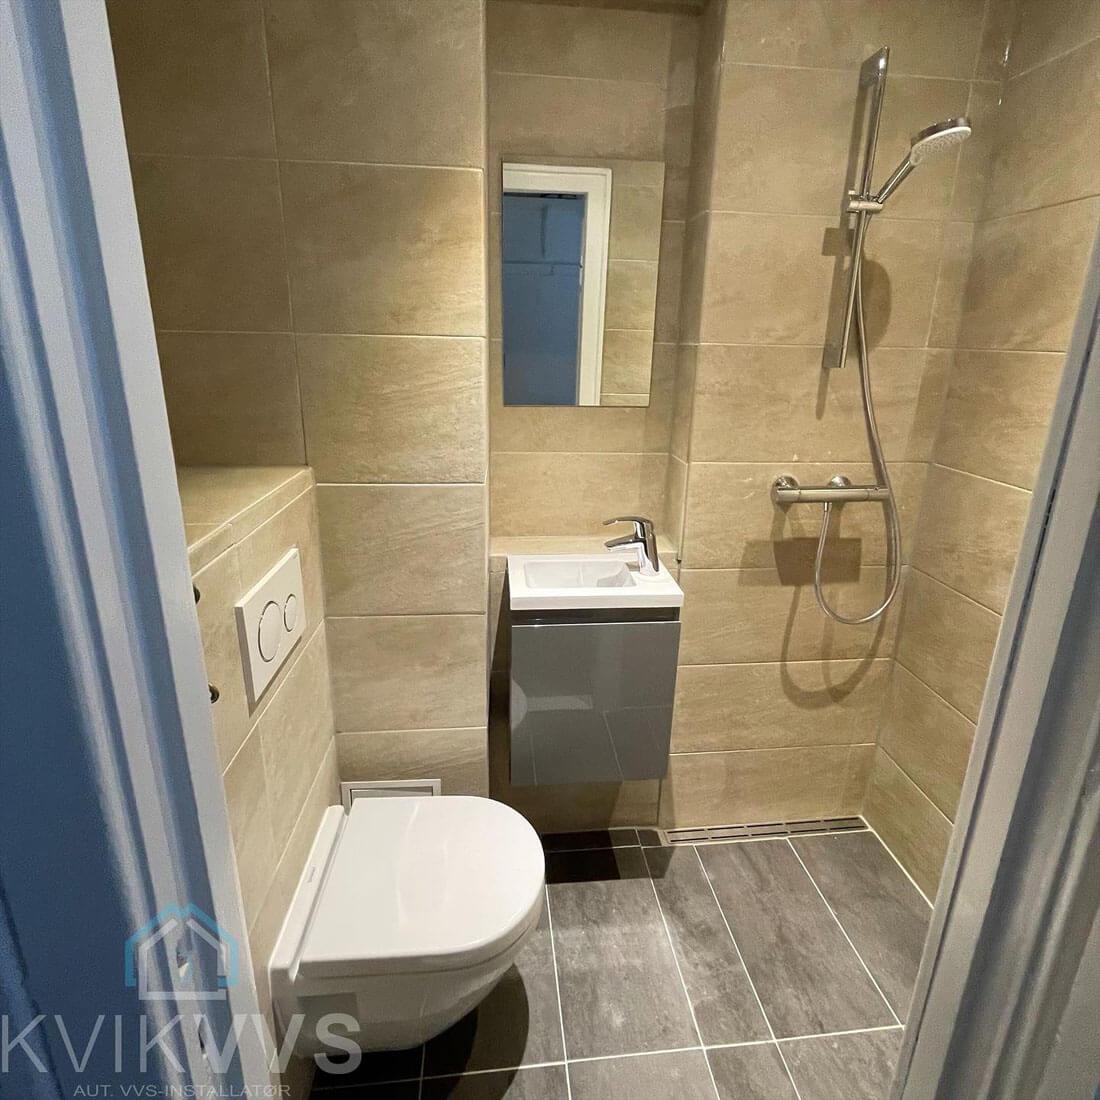 Badeværelse-efter-1-Kvikvvs